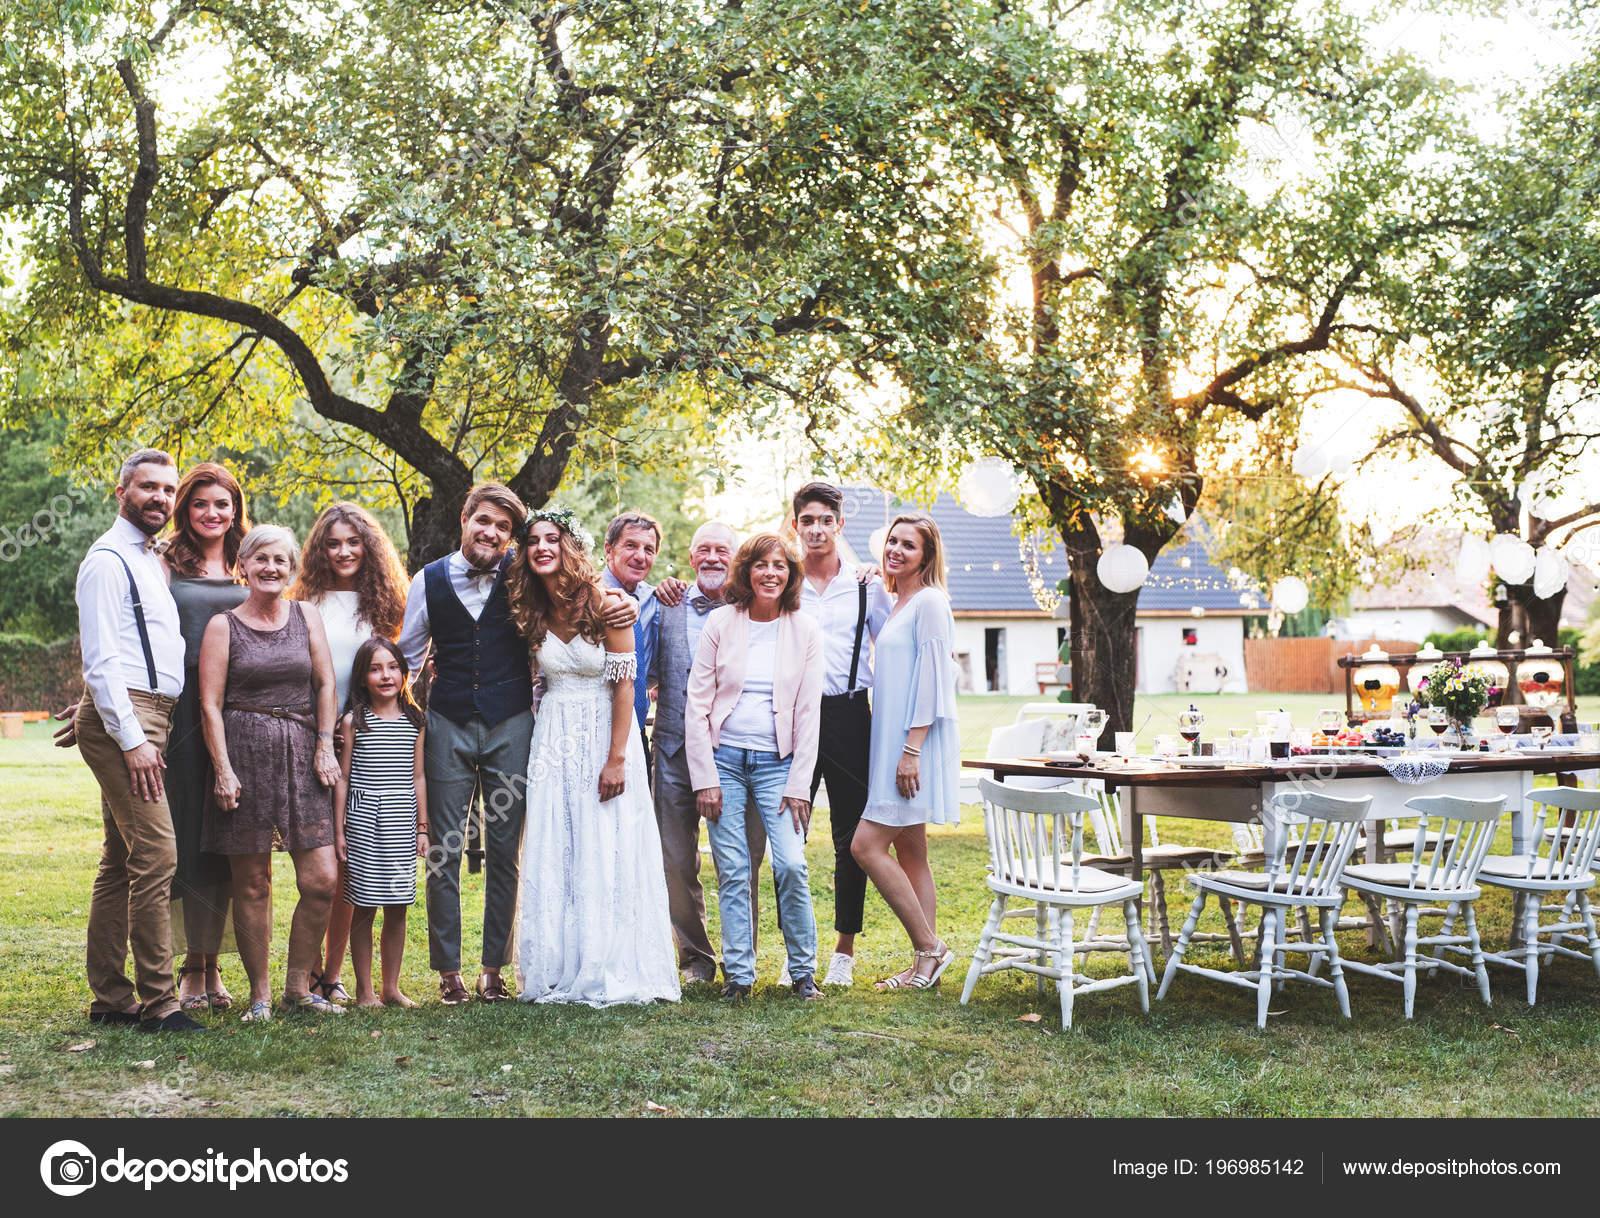 Braut Brautigam Gaste Posieren Fur Das Foto Bei Hochzeitsfeier